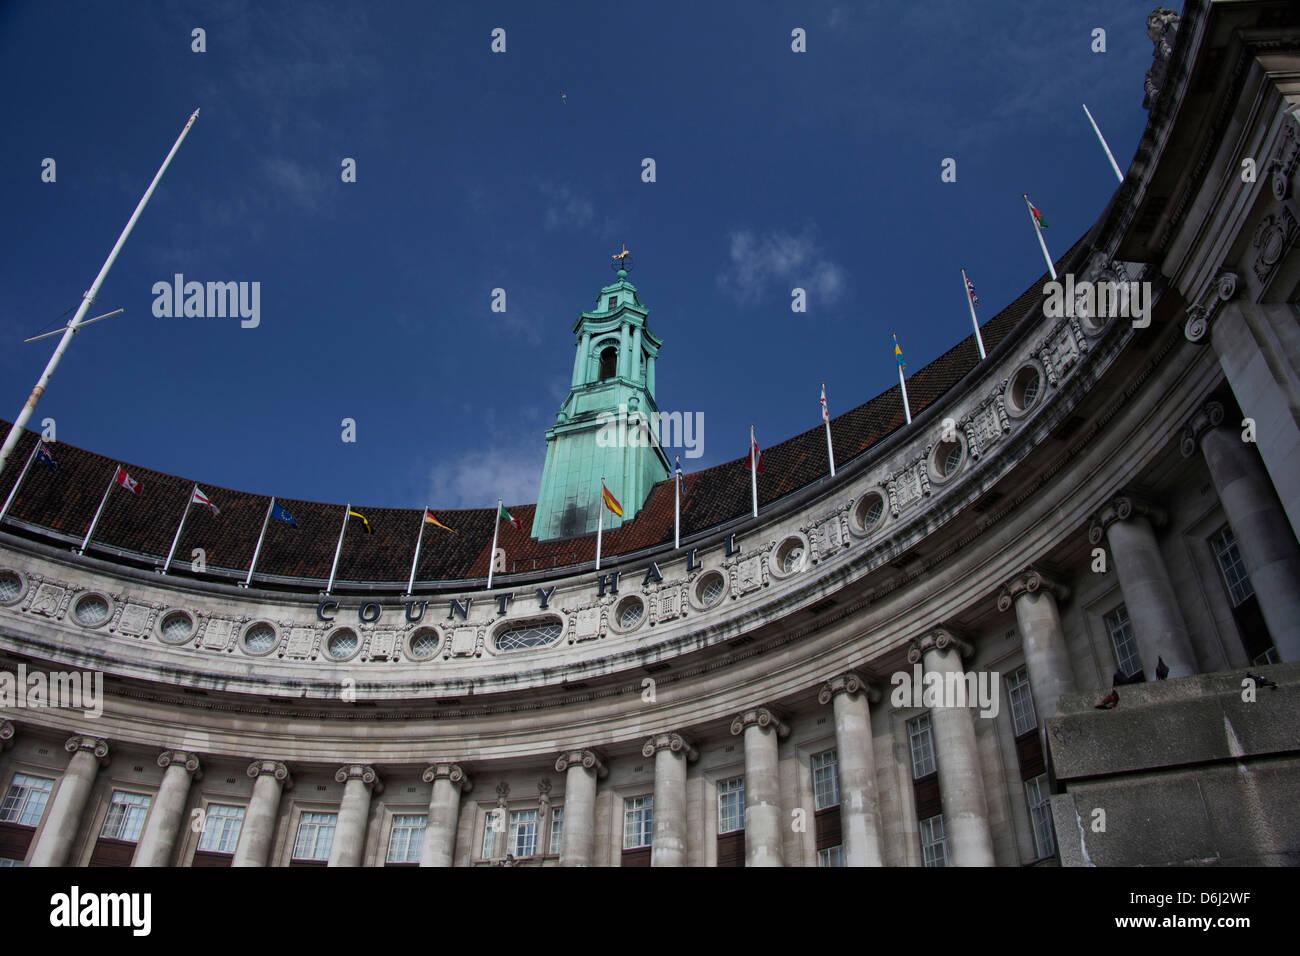 Londra Inghilterra County Hall serrati shot con numerose bandiere e un luminoso cielo blu. Immagini Stock